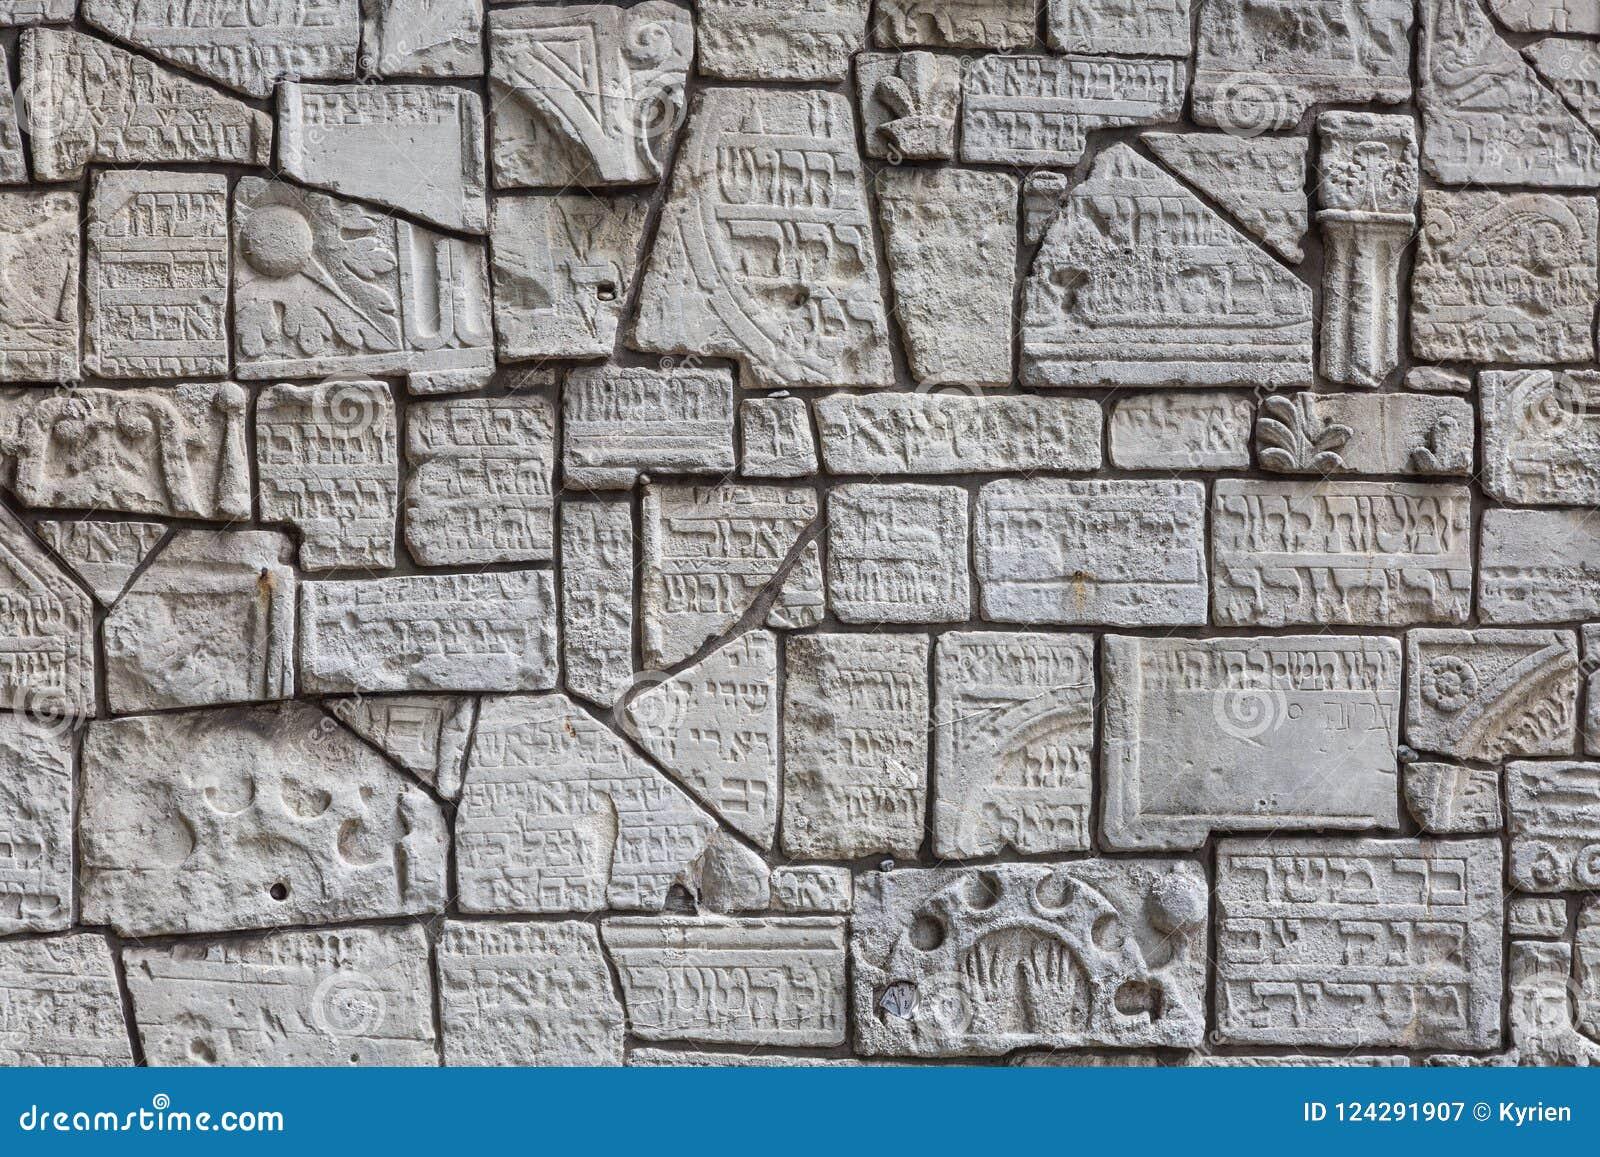 犹太墓碑的片段在墙壁上的在犹太公墓